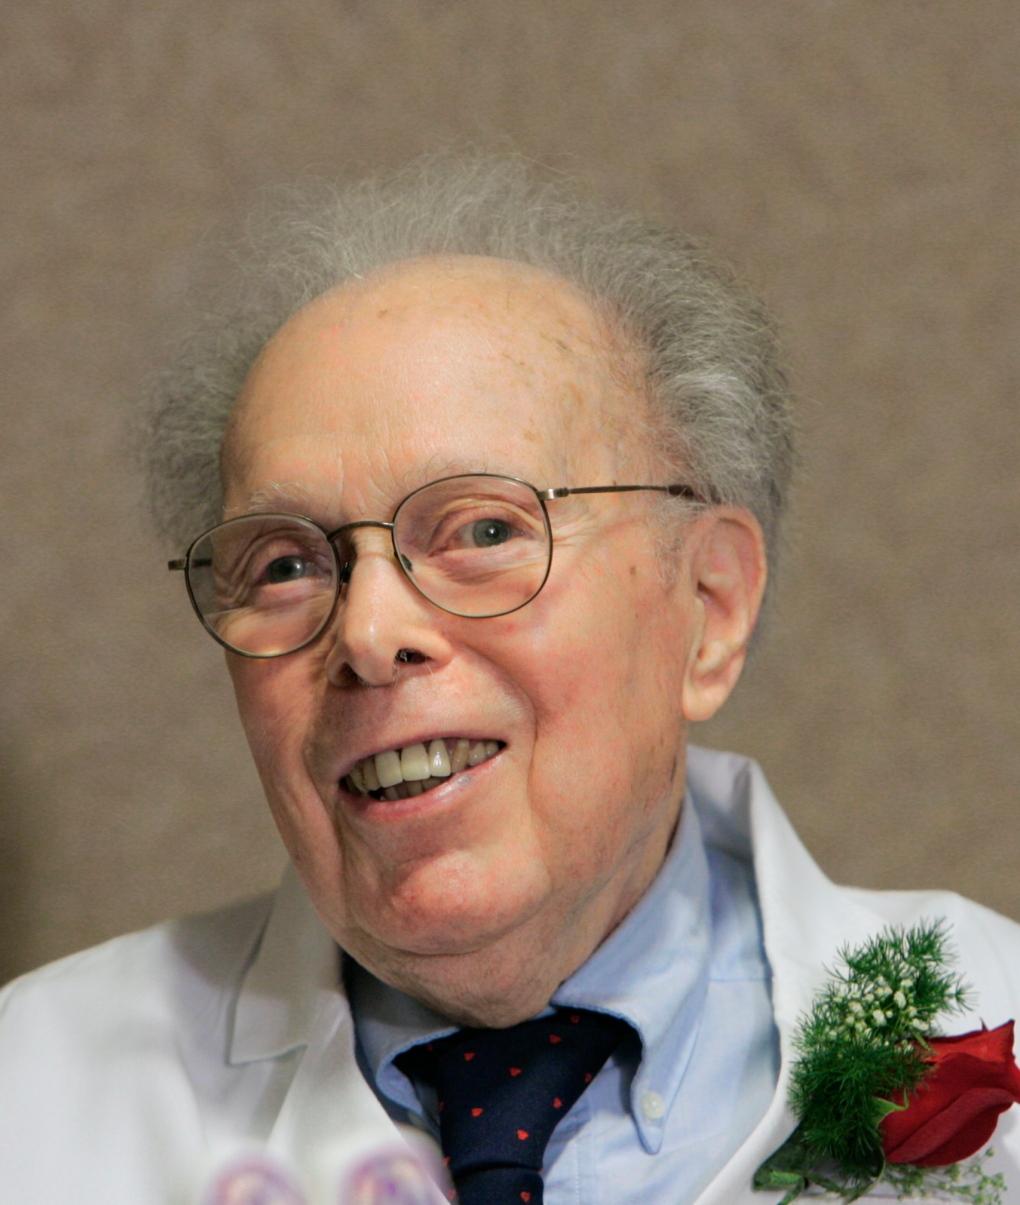 Dr. Denham Harman